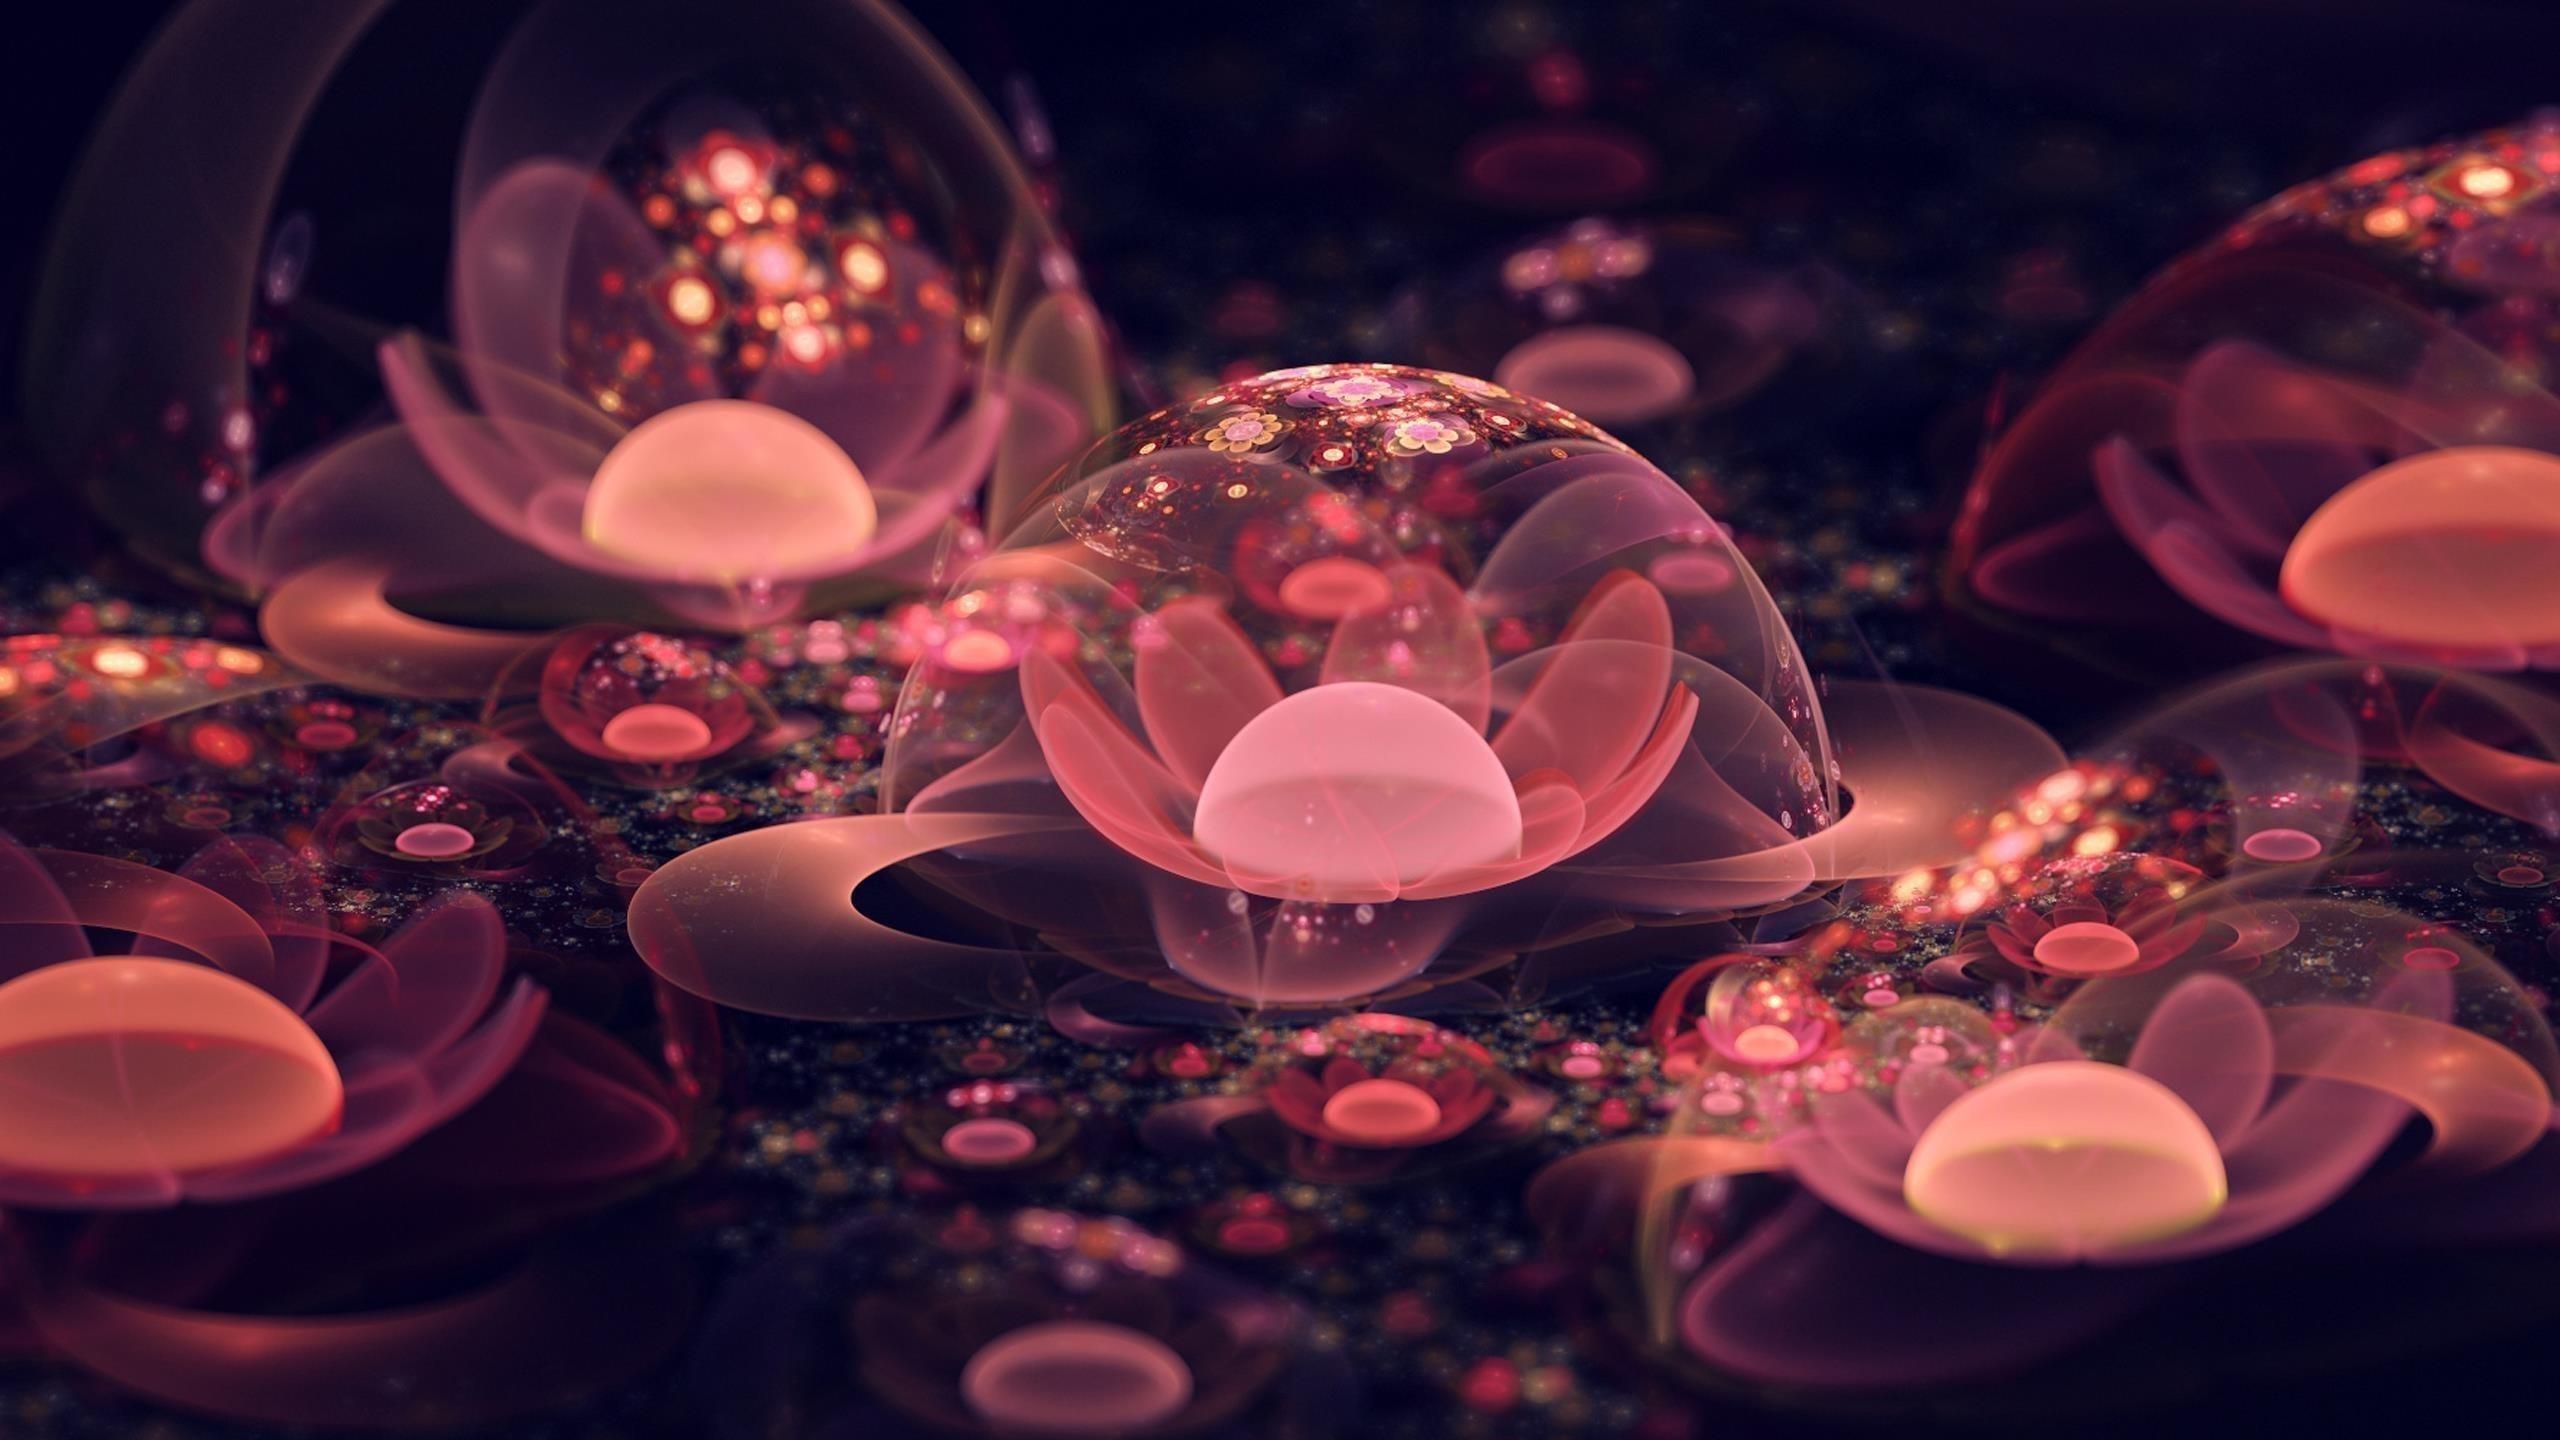 Легкий персиковый цветок фрактальное искусство абстракция обои скачать